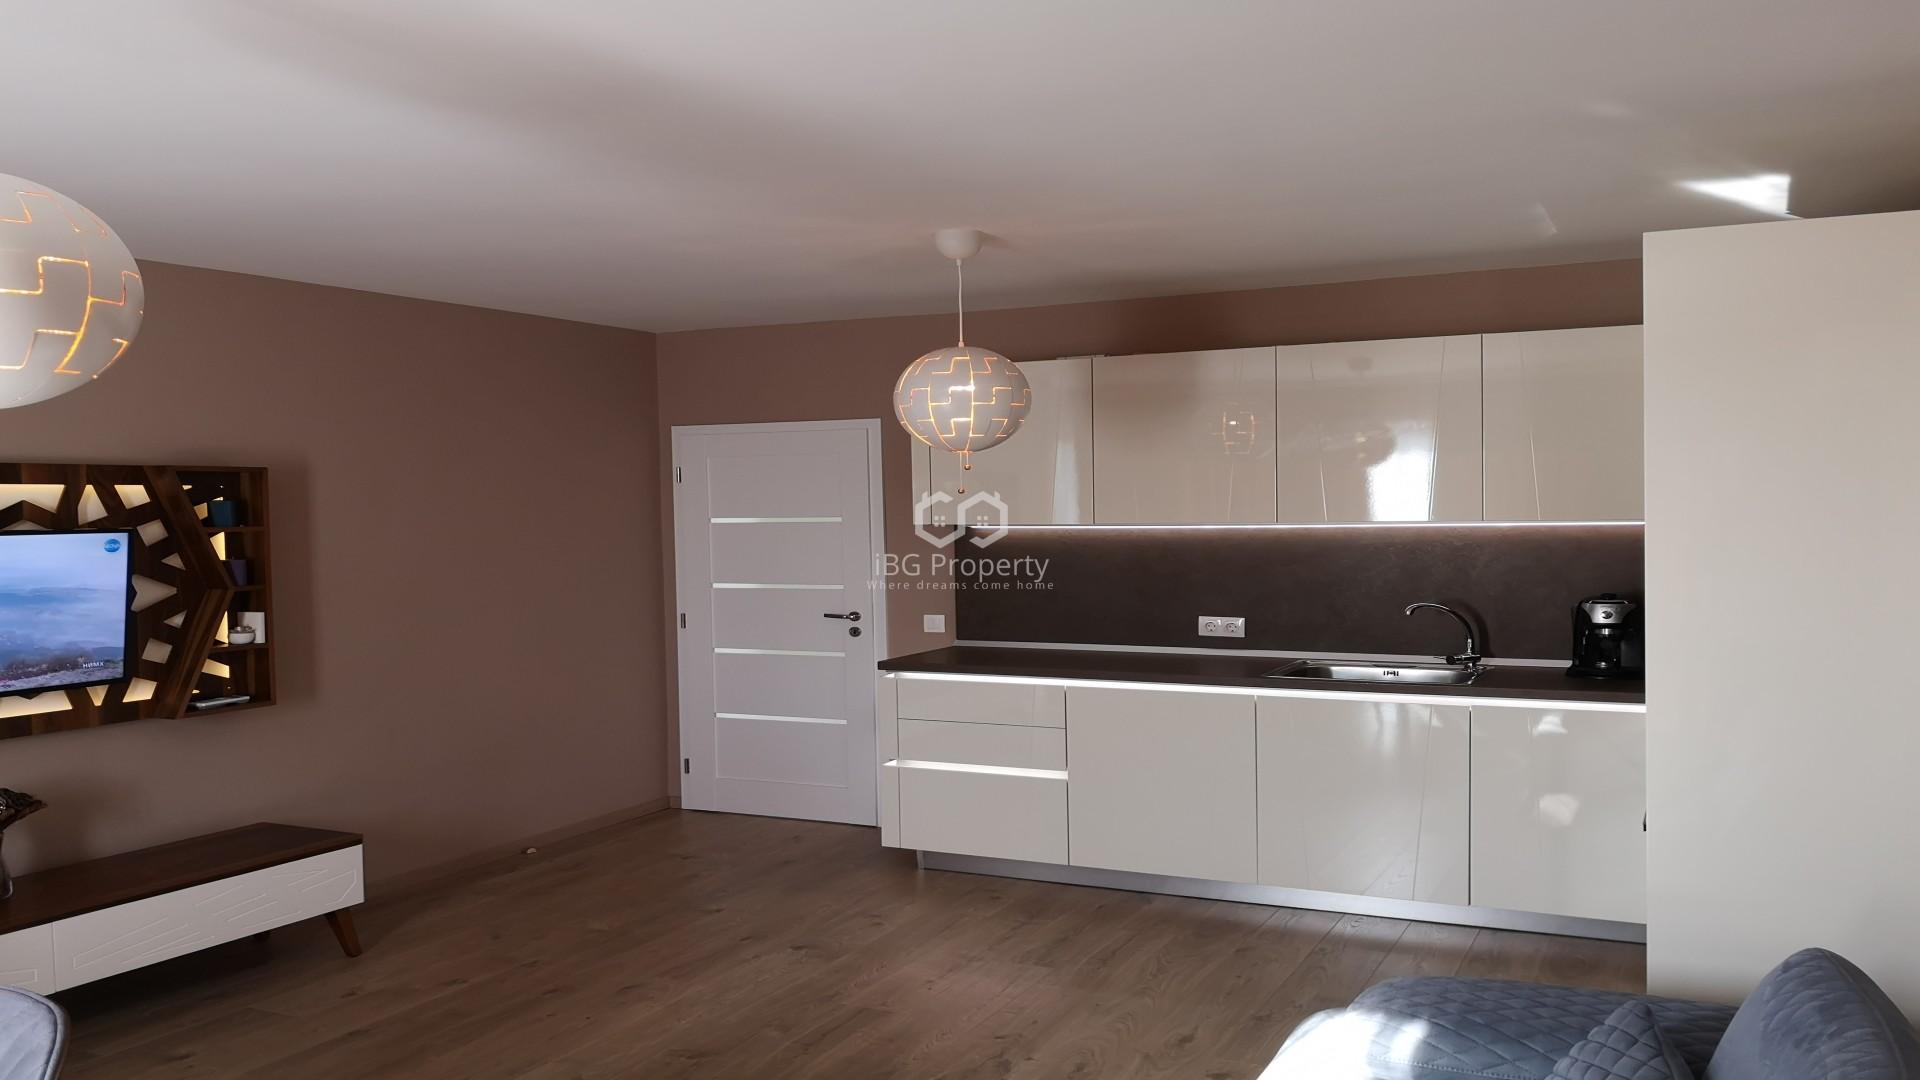 Zweizimmerwohnung in varna 71 m2